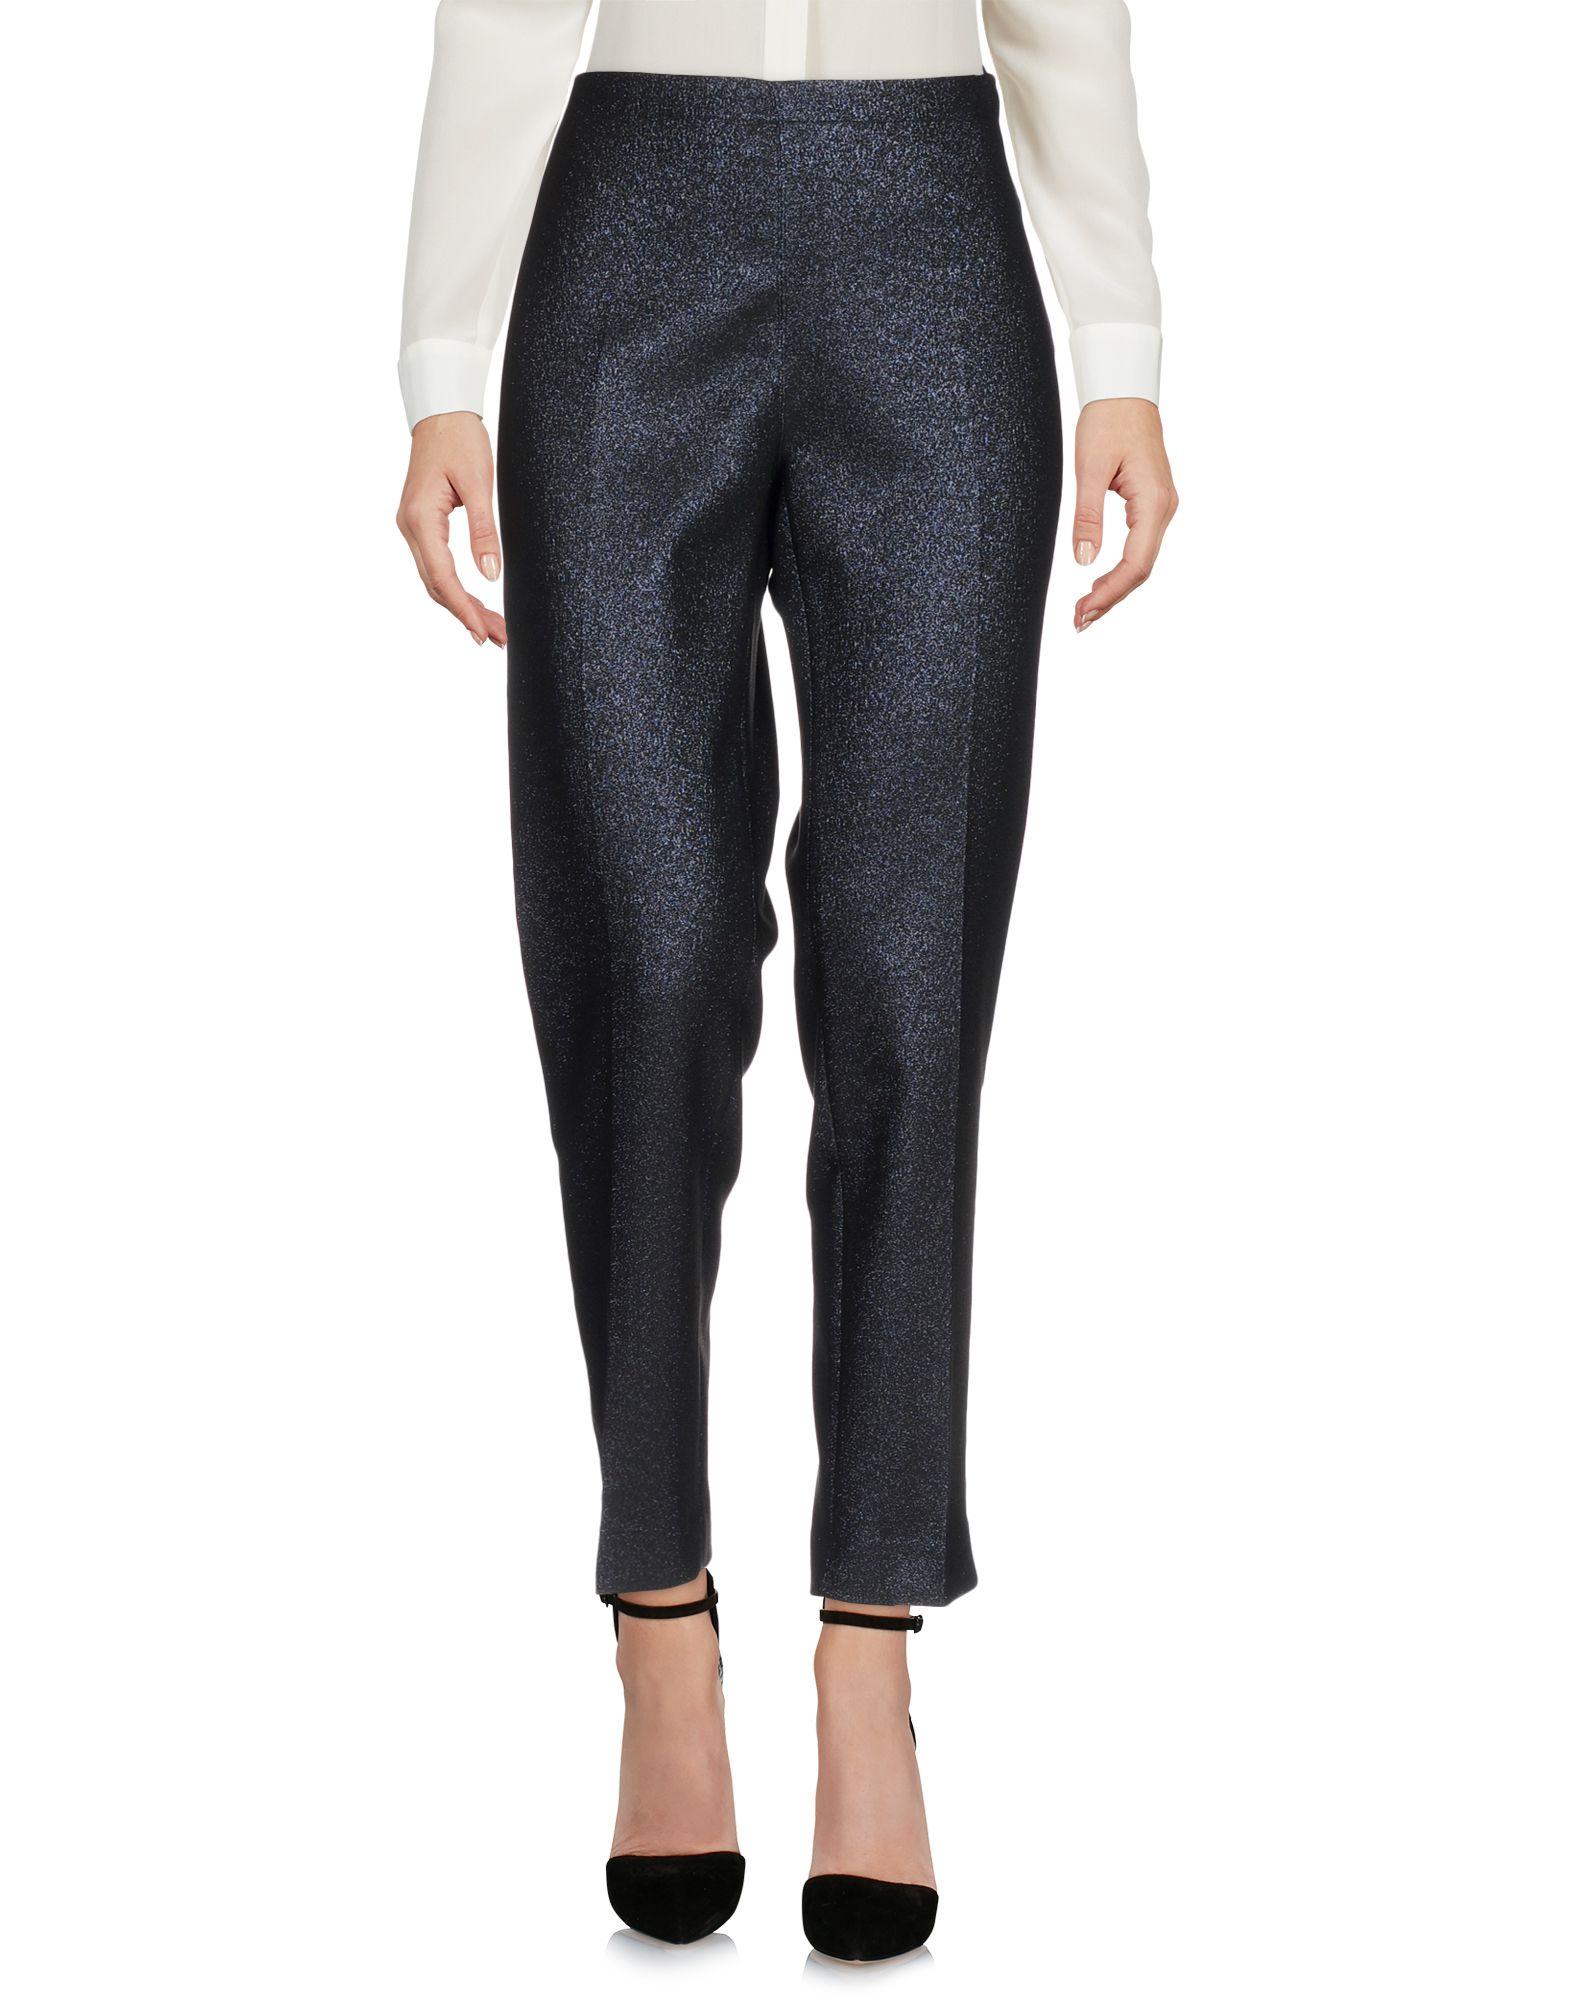 Sur Pantalone En CoPantalon Femme Su Ligne Maxamp; DonnaAcquista Les Achats Online XZuPTOki